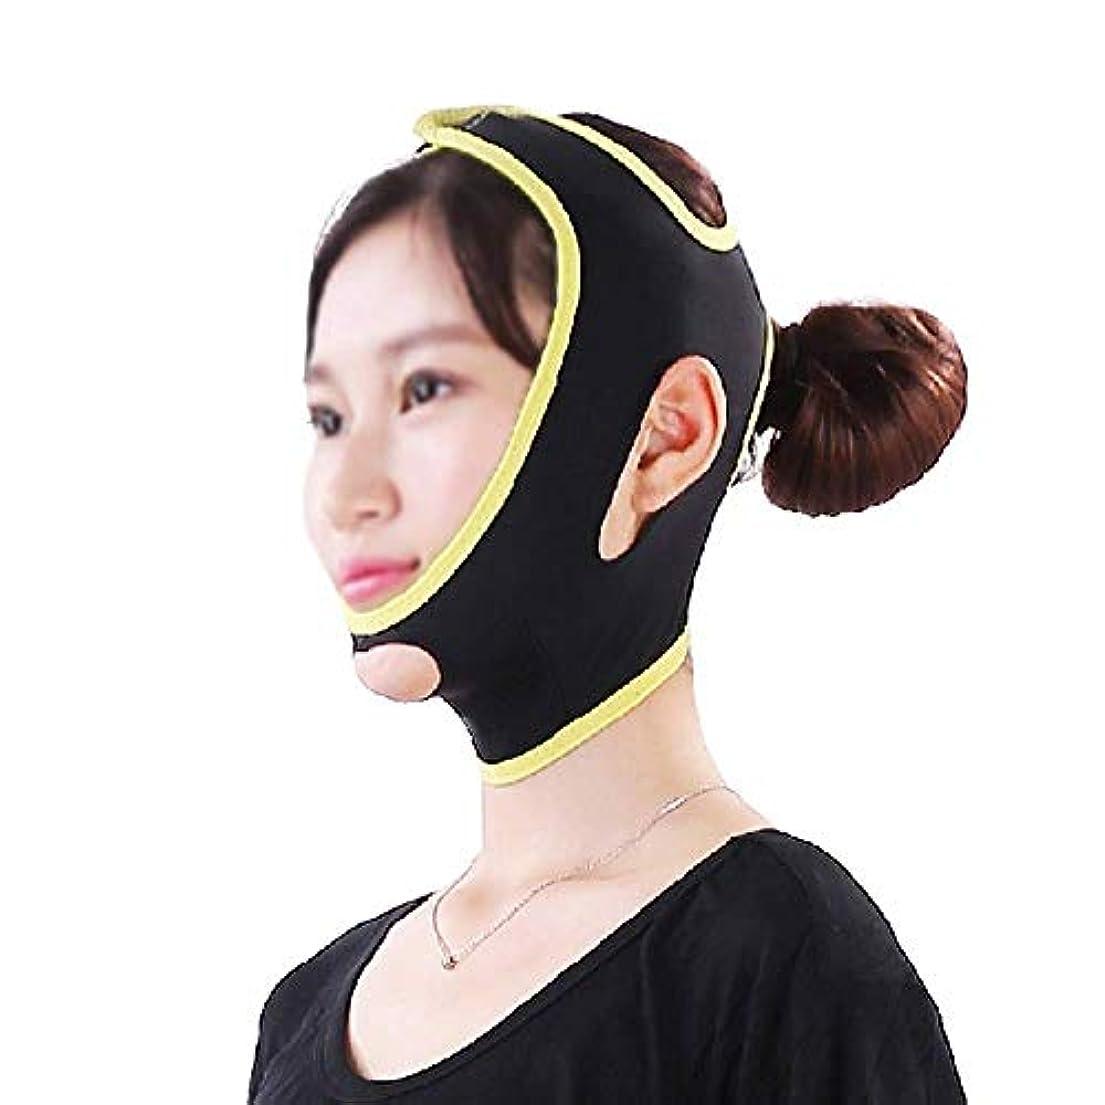 高齢者解決するうまくやる()フェイスアンドネックリフト、Vフェイスマスクは顔の輪郭を強化して、顎の超弾性包帯を引き締める咬筋を緩和します(サイズ:M)